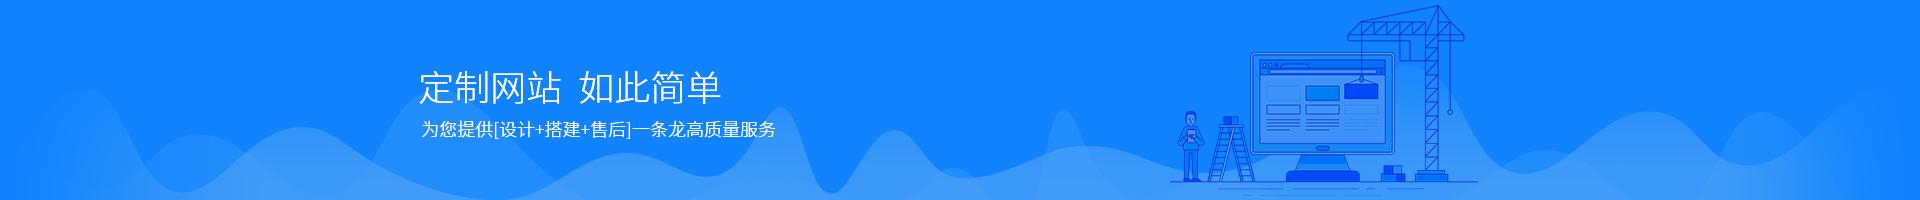 伟徳国际娱乐【平台】网站定制为您提供定制方案、网站搭建、售后一条龙高质量定制服务